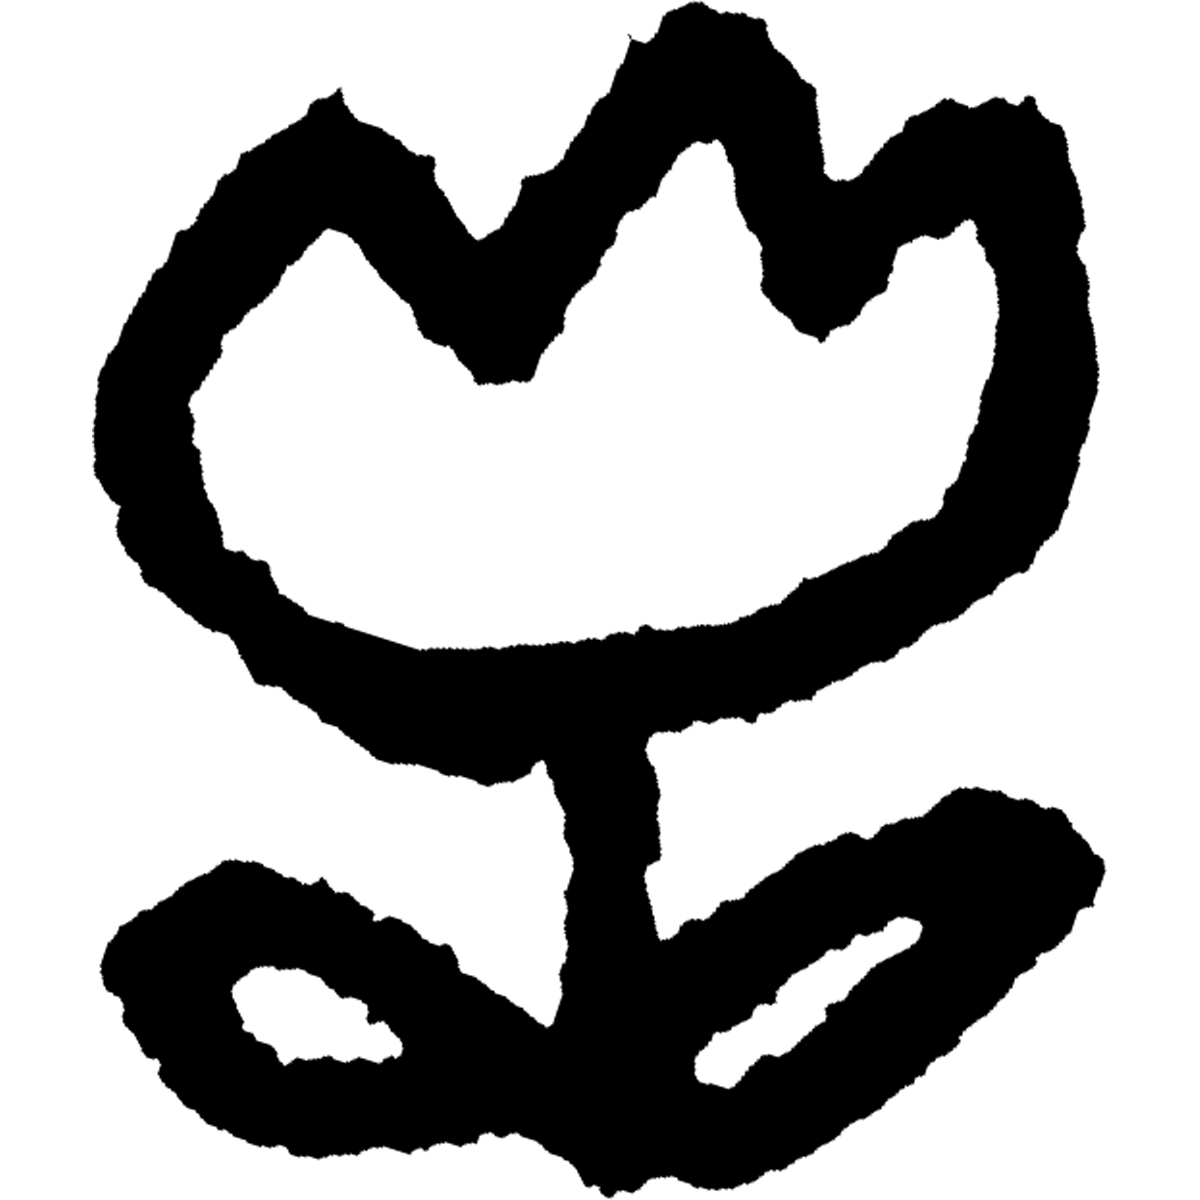 チューリップ_Tulipのイラスト3